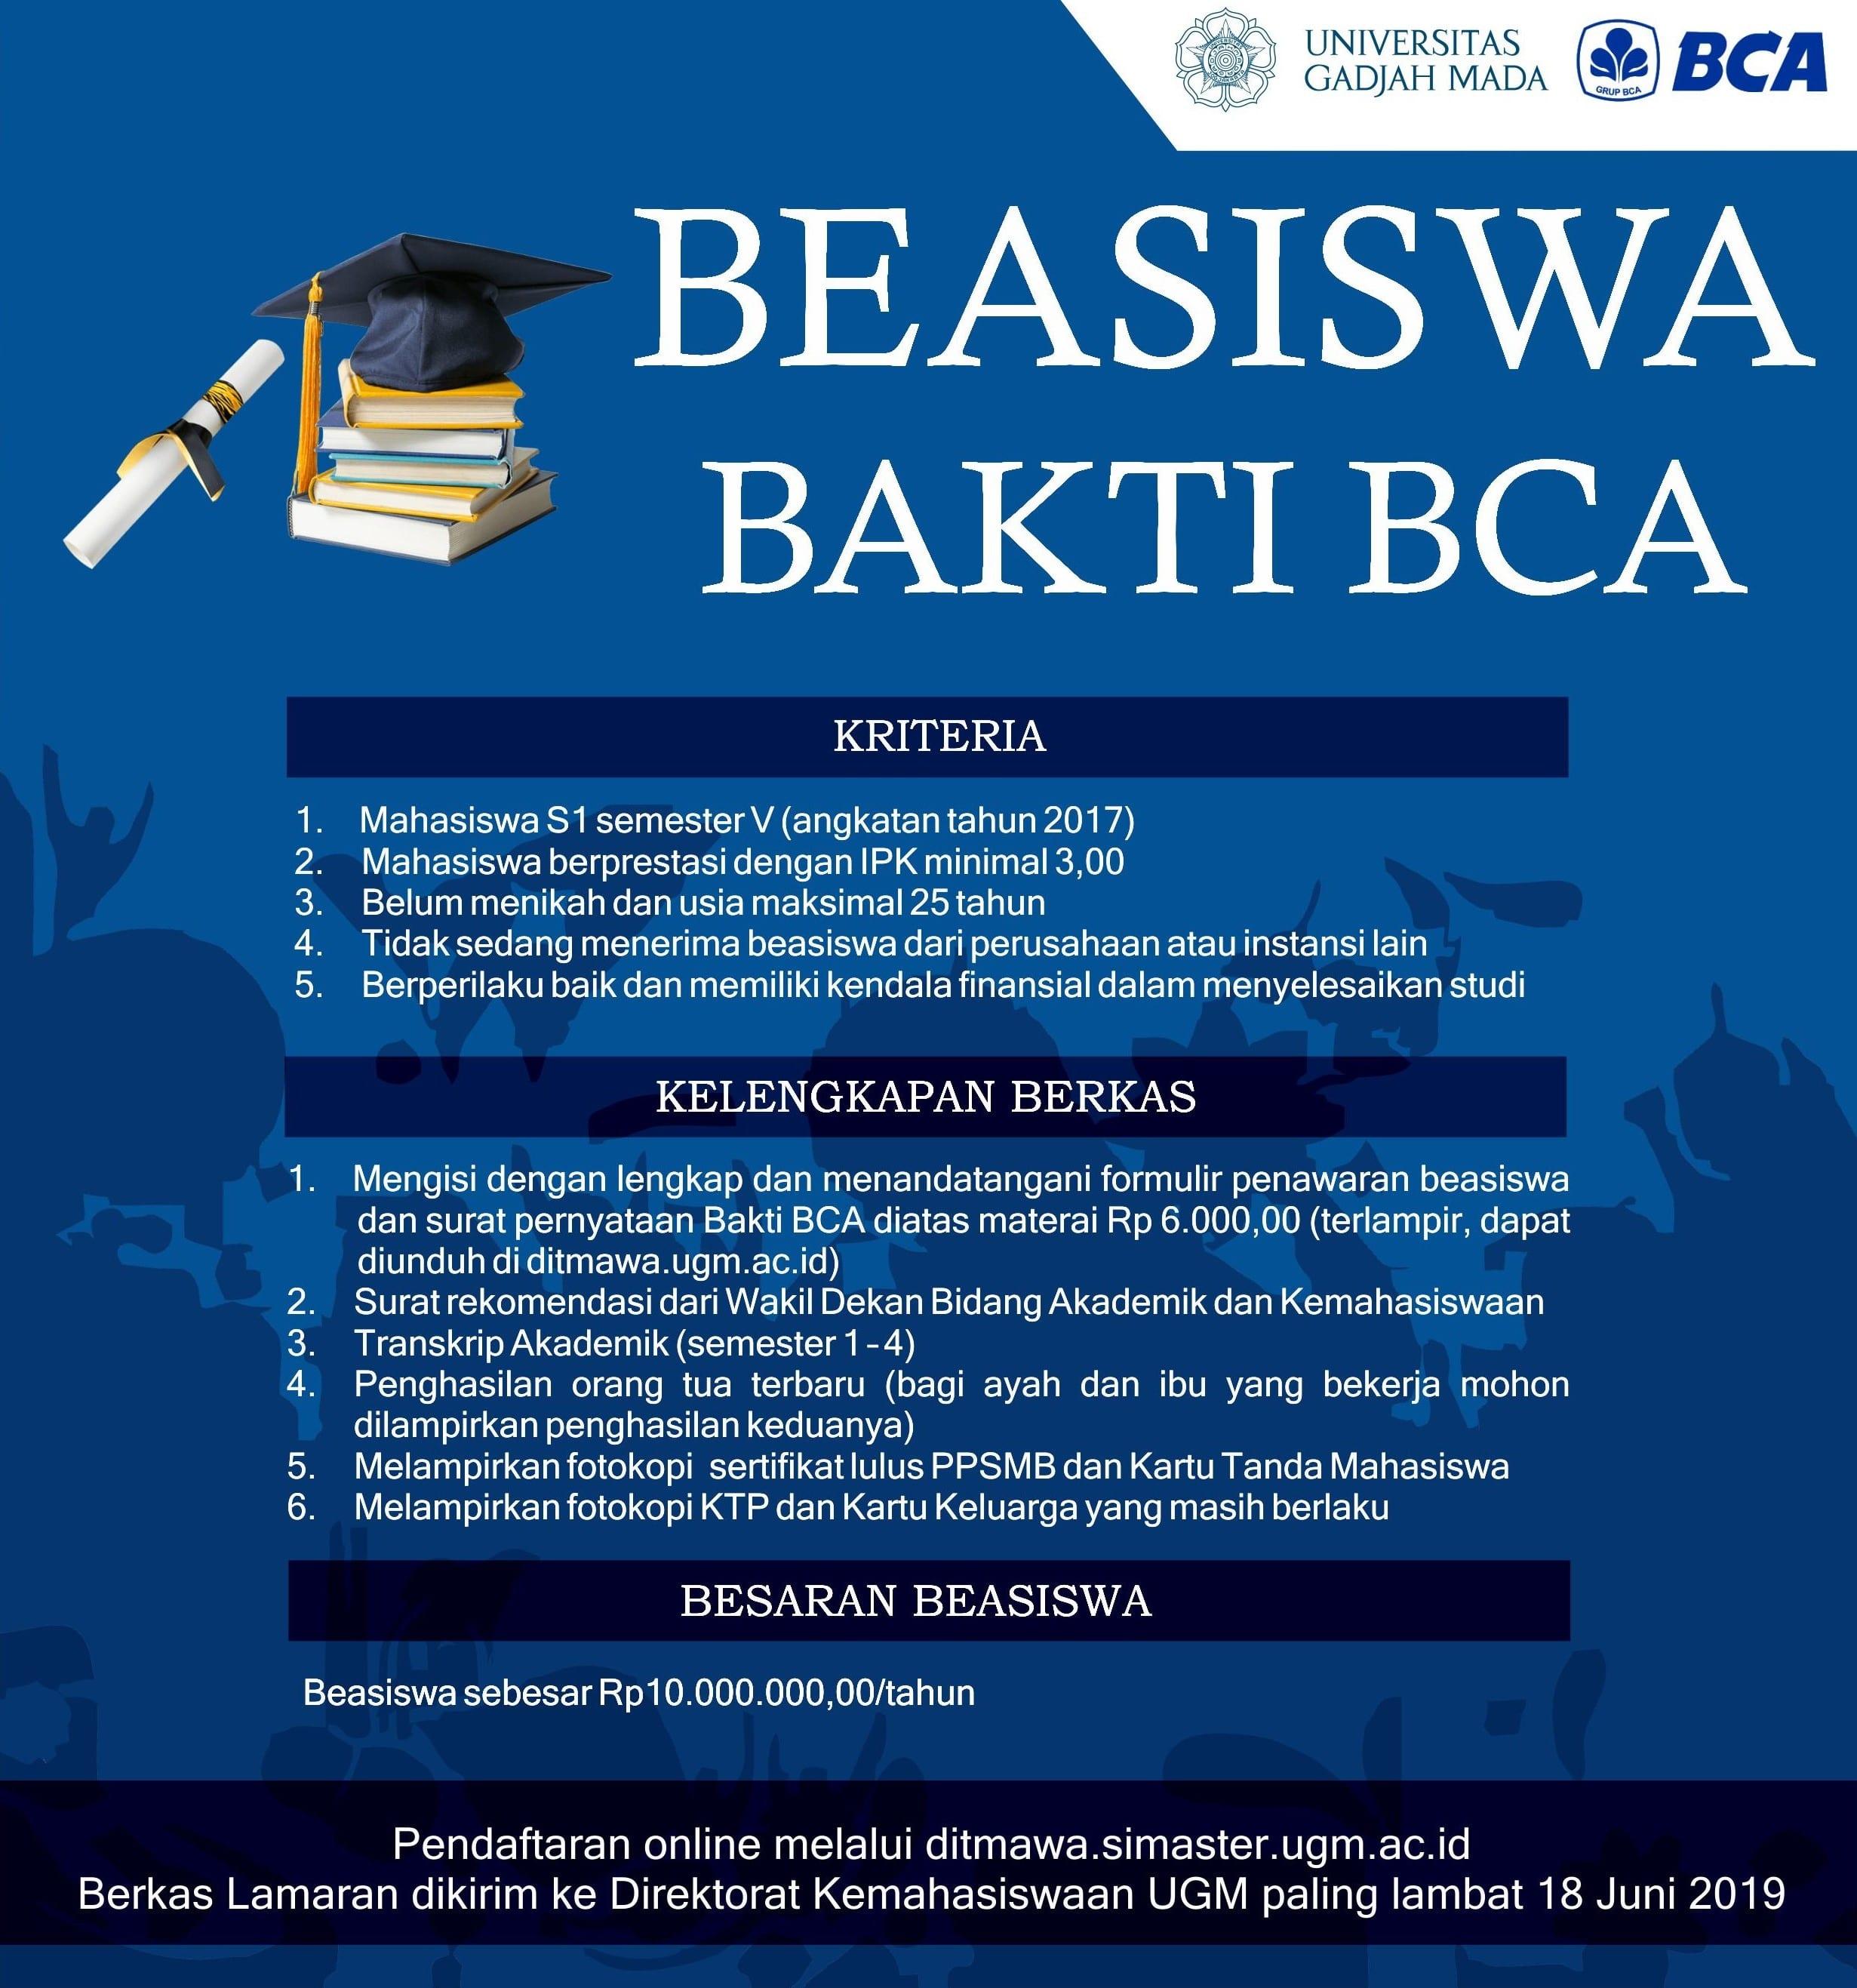 Beasiswa Bakti BCA 2